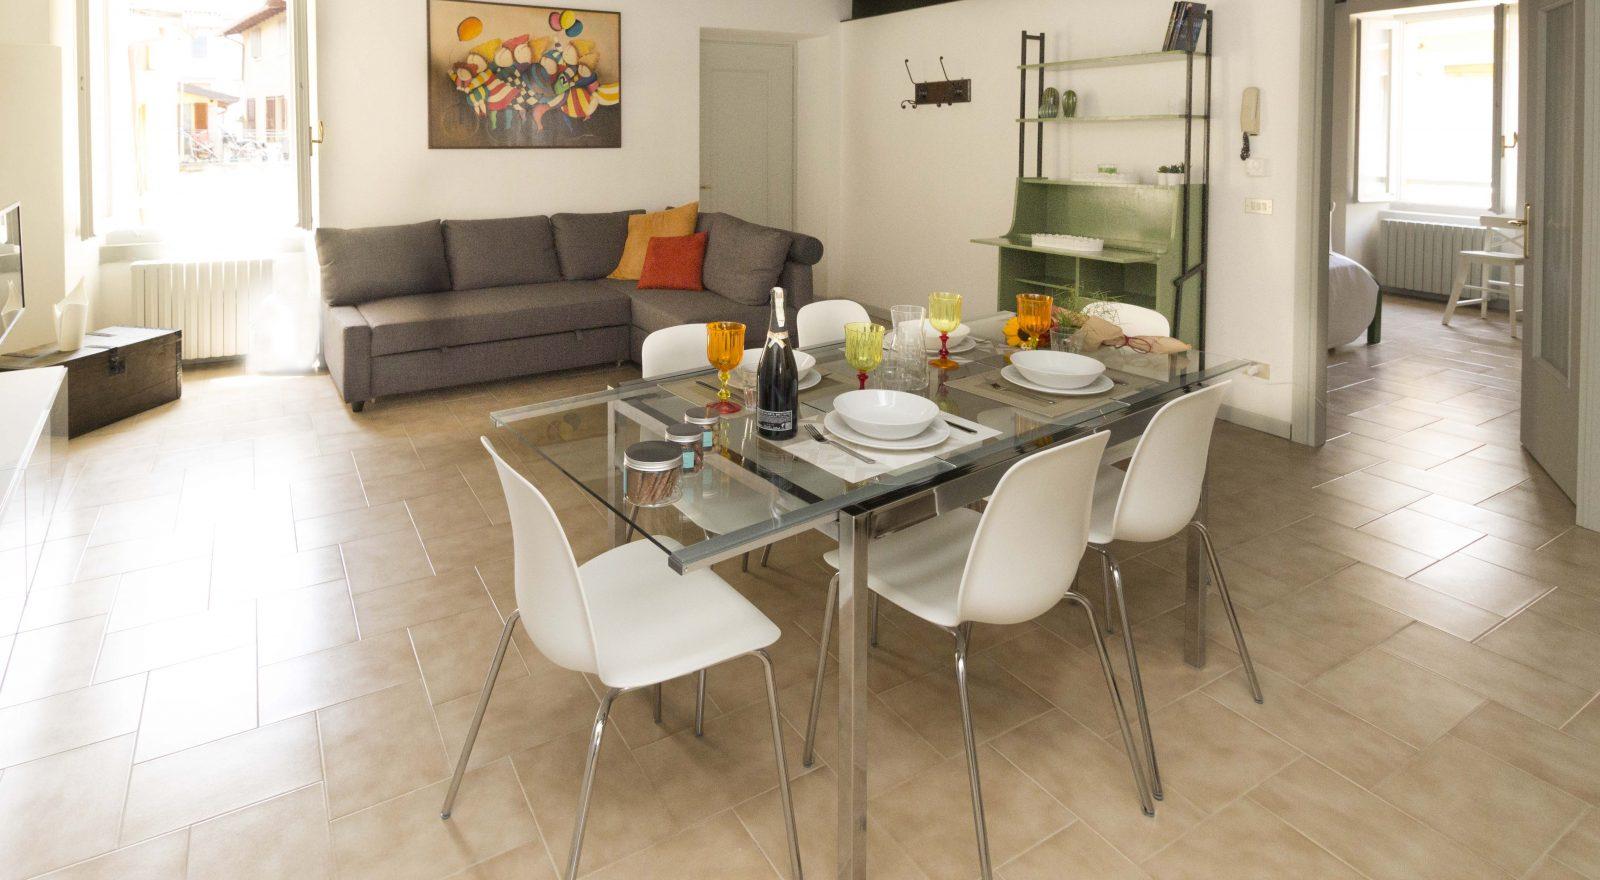 Appartamento Nicchie - Casa Vacanze Iseo Portelle Holiday - soggiorno con tavola